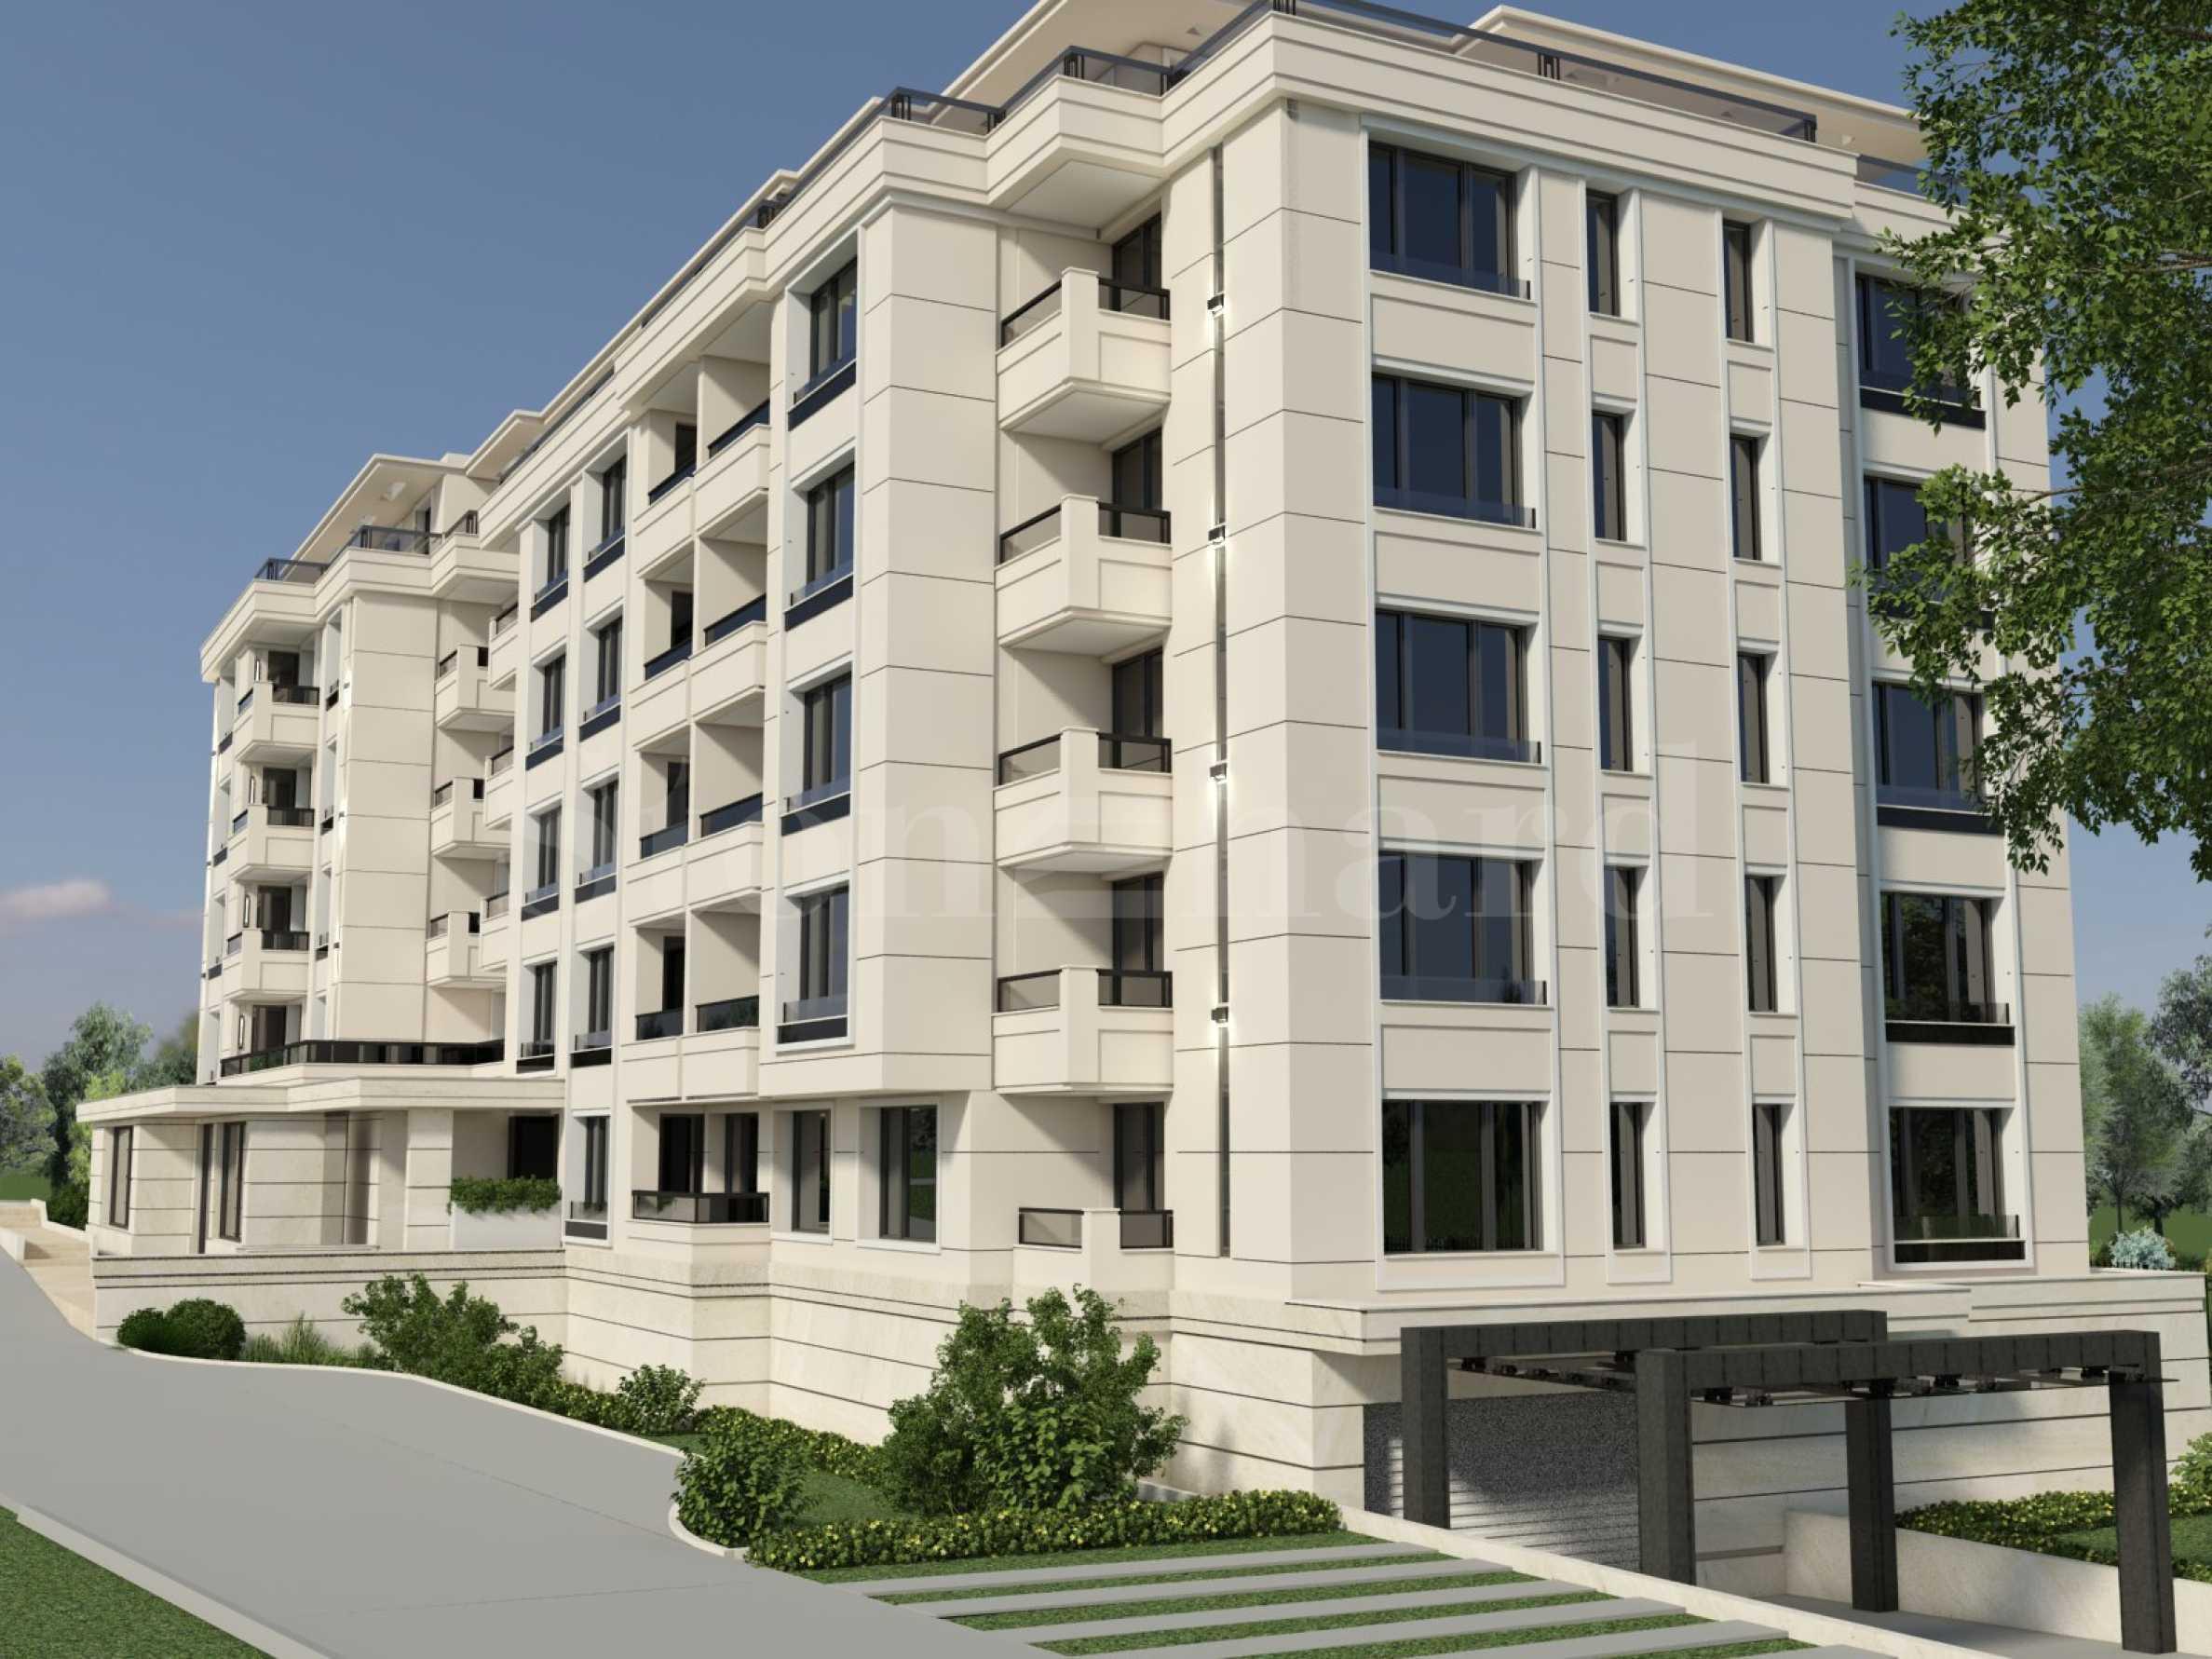 Висококачествен и стилен жилищен комплекс в кв. Младост 21 - Stonehard